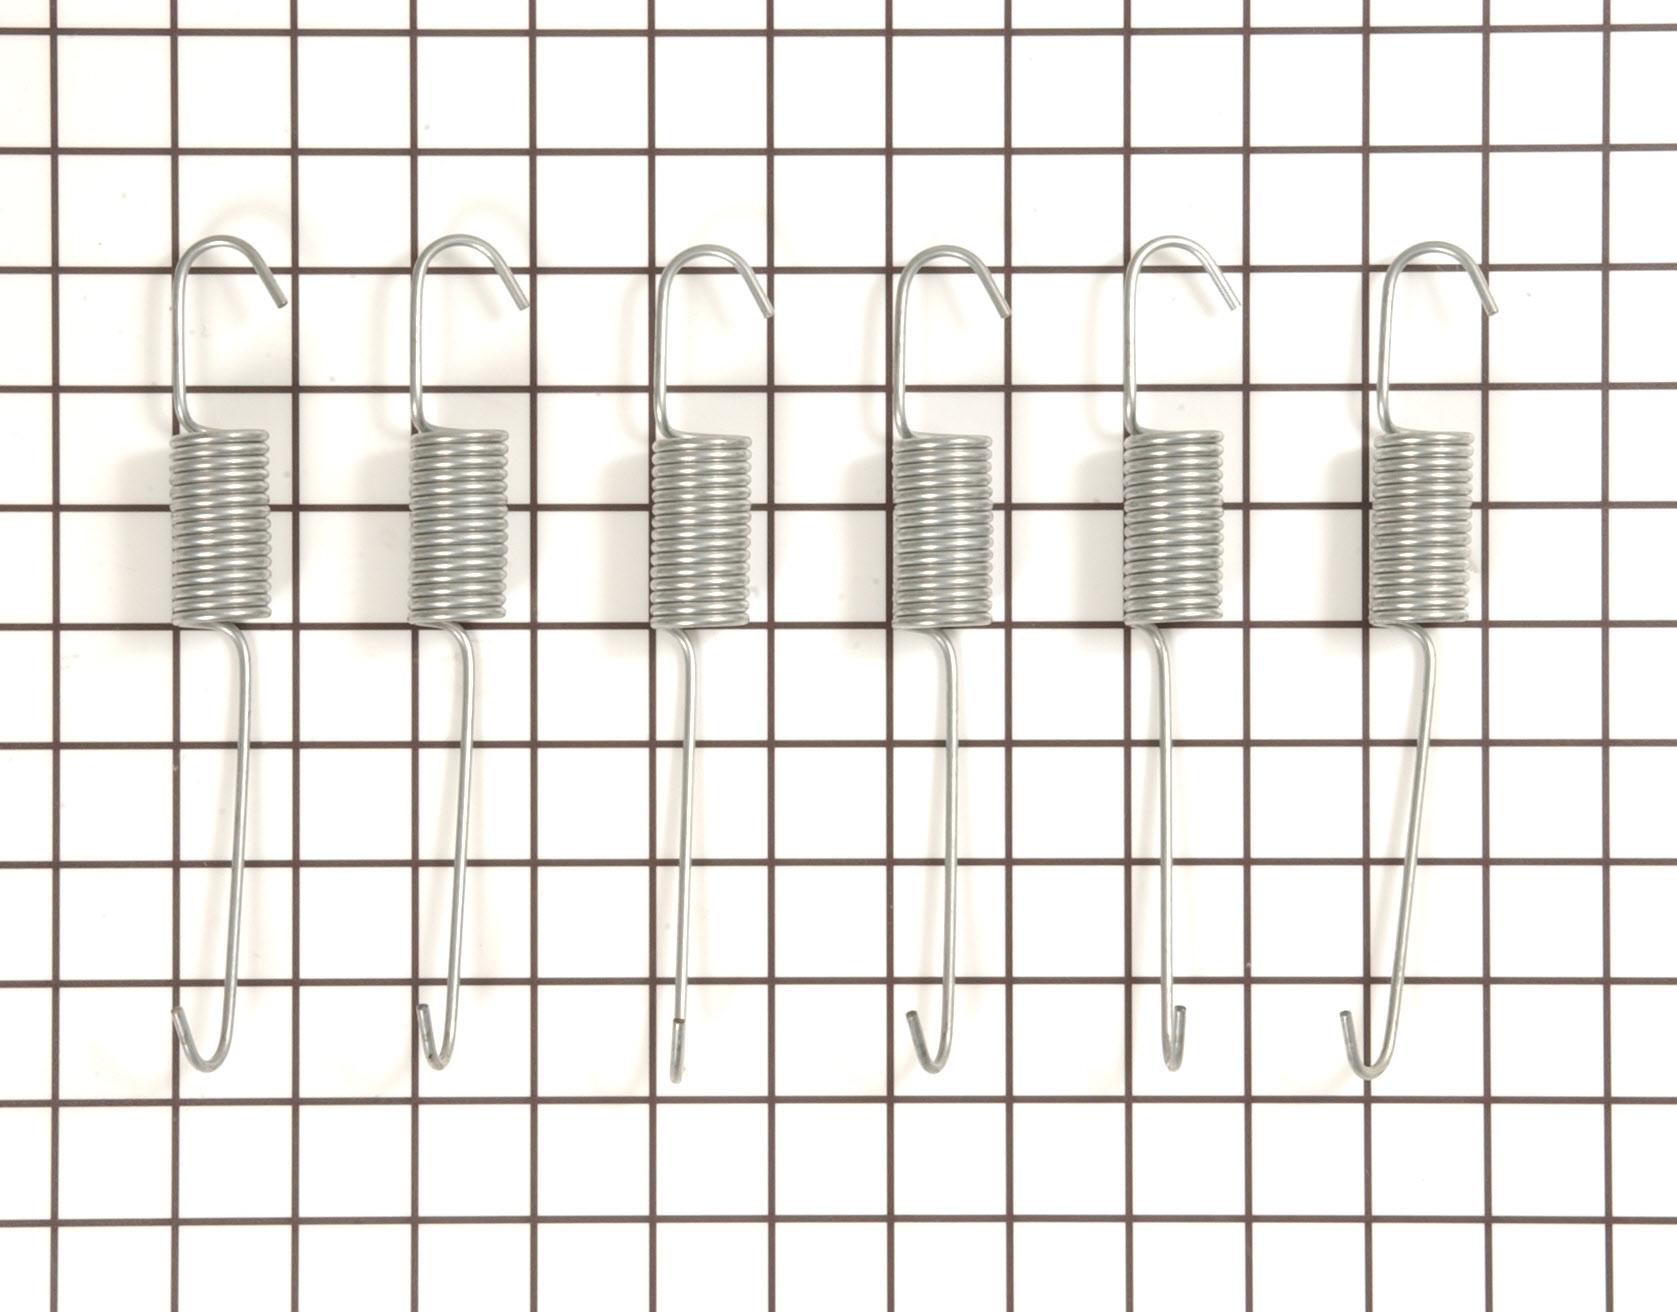 12002773 Montgomery Wards Washing Machine Part -Suspension Spring